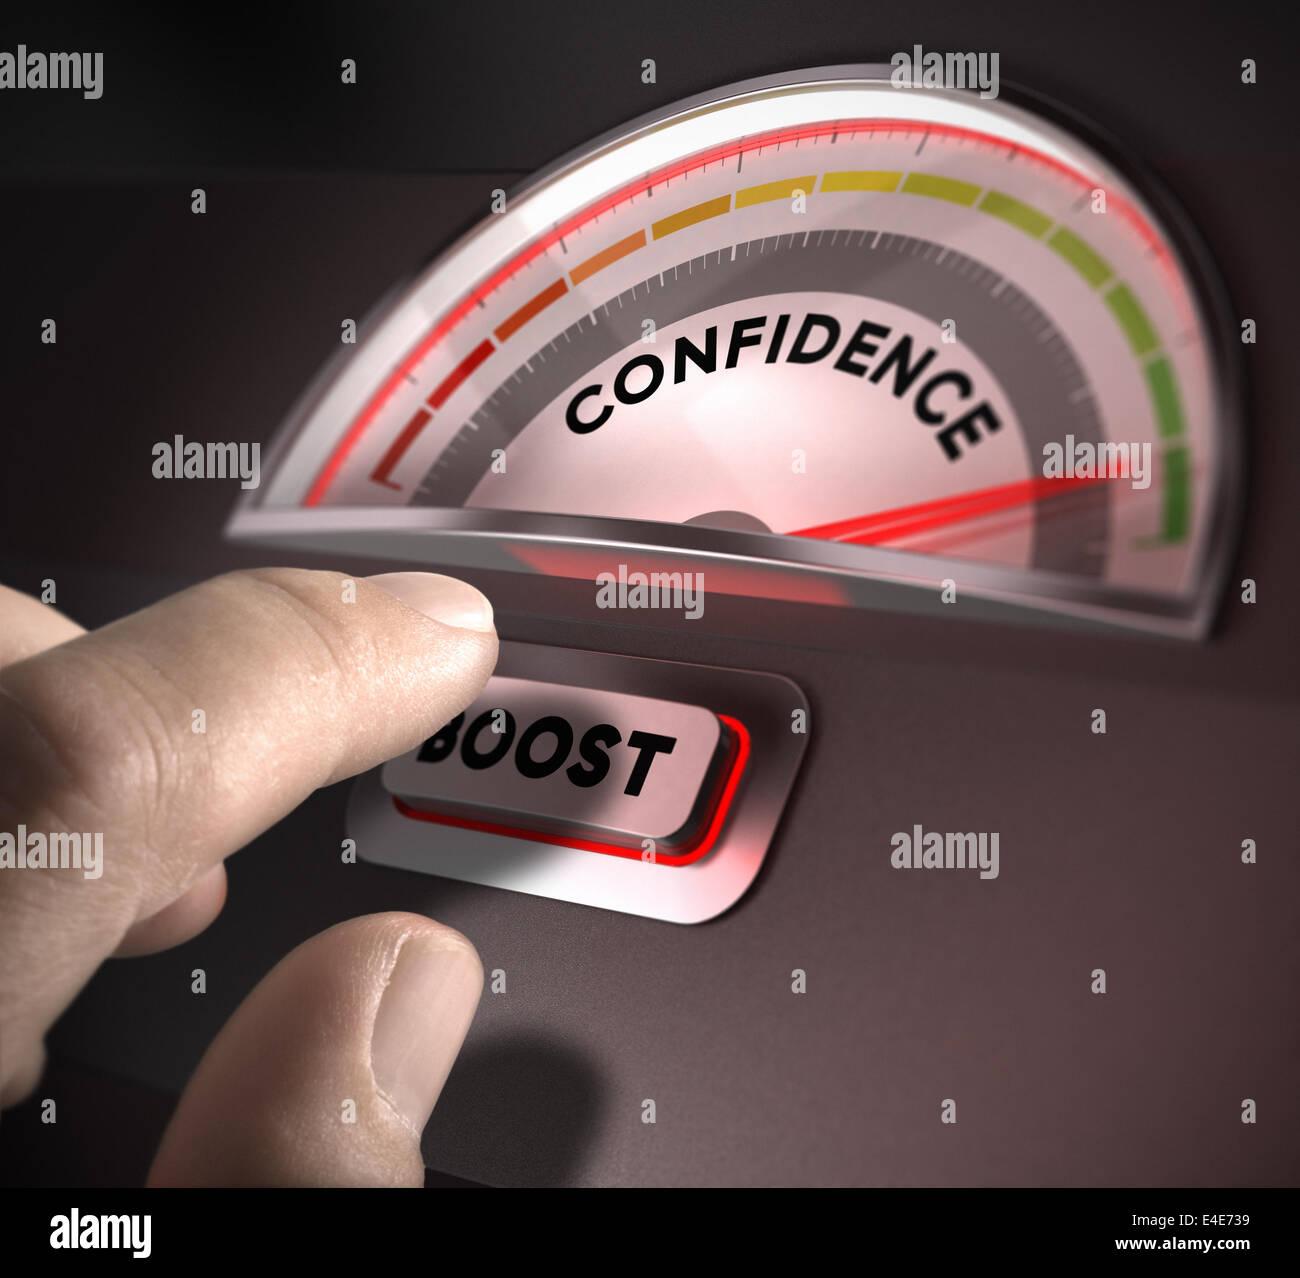 Indicador de confianza, el índice y el botón boost sobre un fondo oscuro. Ilustración de autoconfianza Imagen De Stock